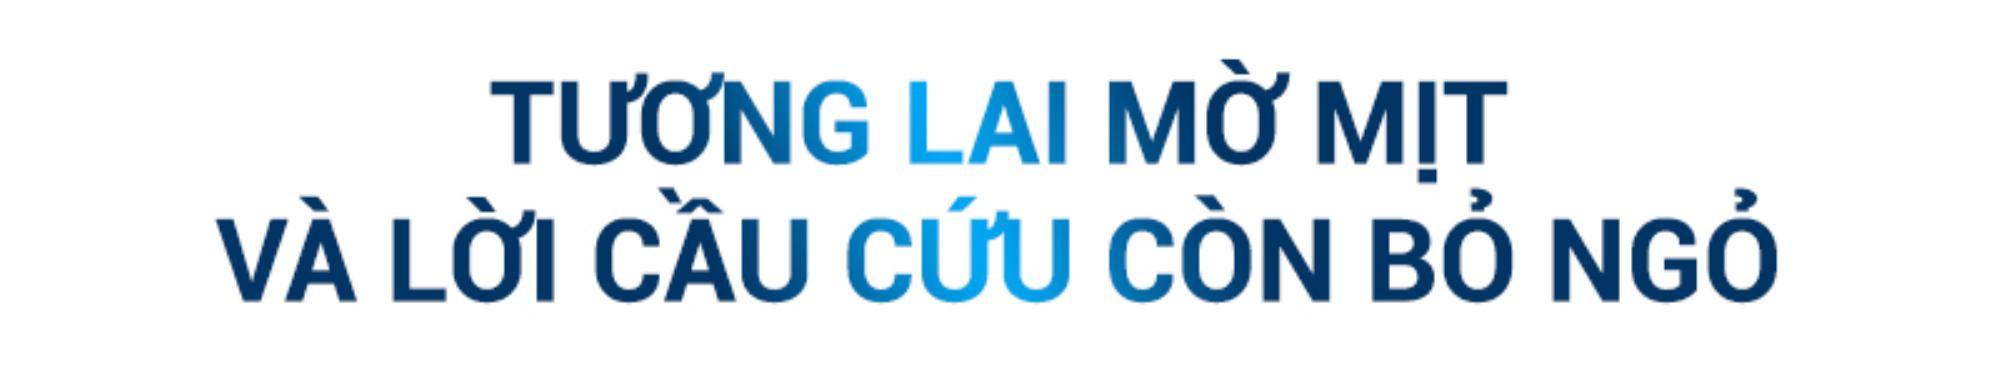 Rạp Việt nửa đầu năm 2021: Những thành tựu 'vượt khó vươn lên' và lời cầu cứu còn bỏ ngỏ Ảnh 14